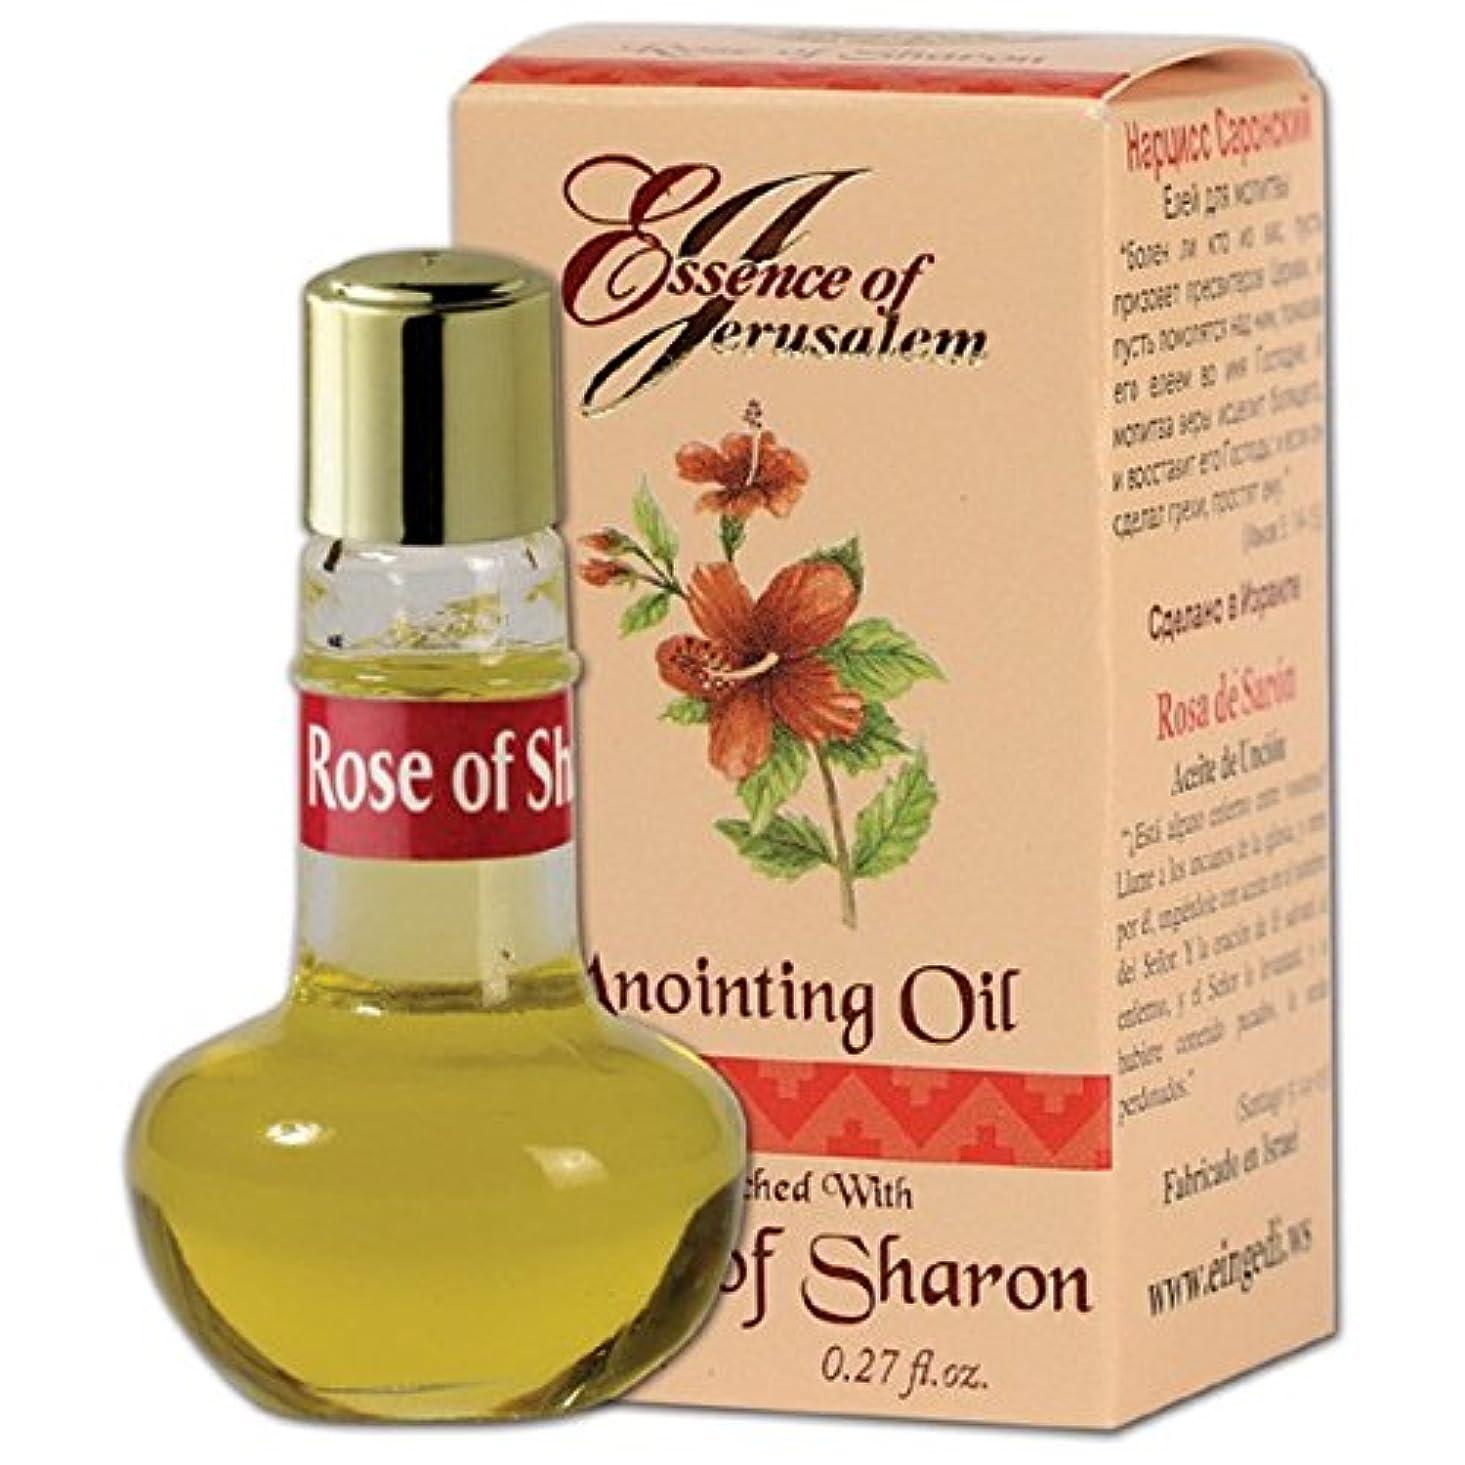 ハグ現代の暴君Essence of Jerusalem Anointing Oil Enriched with Biblicalスパイス0.27 FL OZ byベツレヘムギフトTM